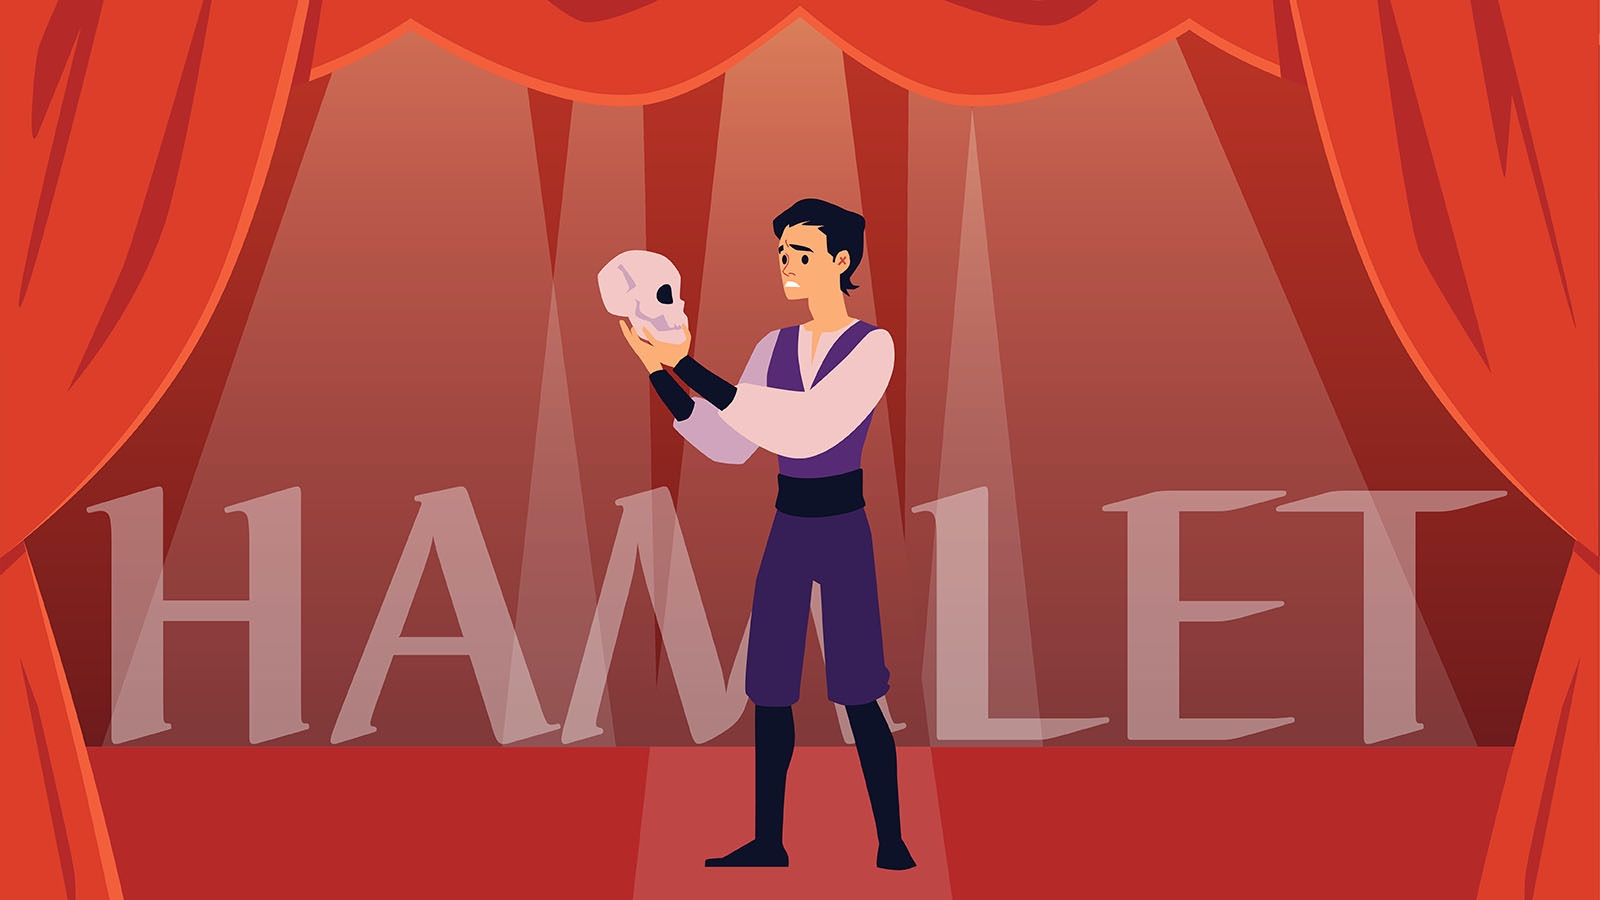 Hamlet drama in literature example